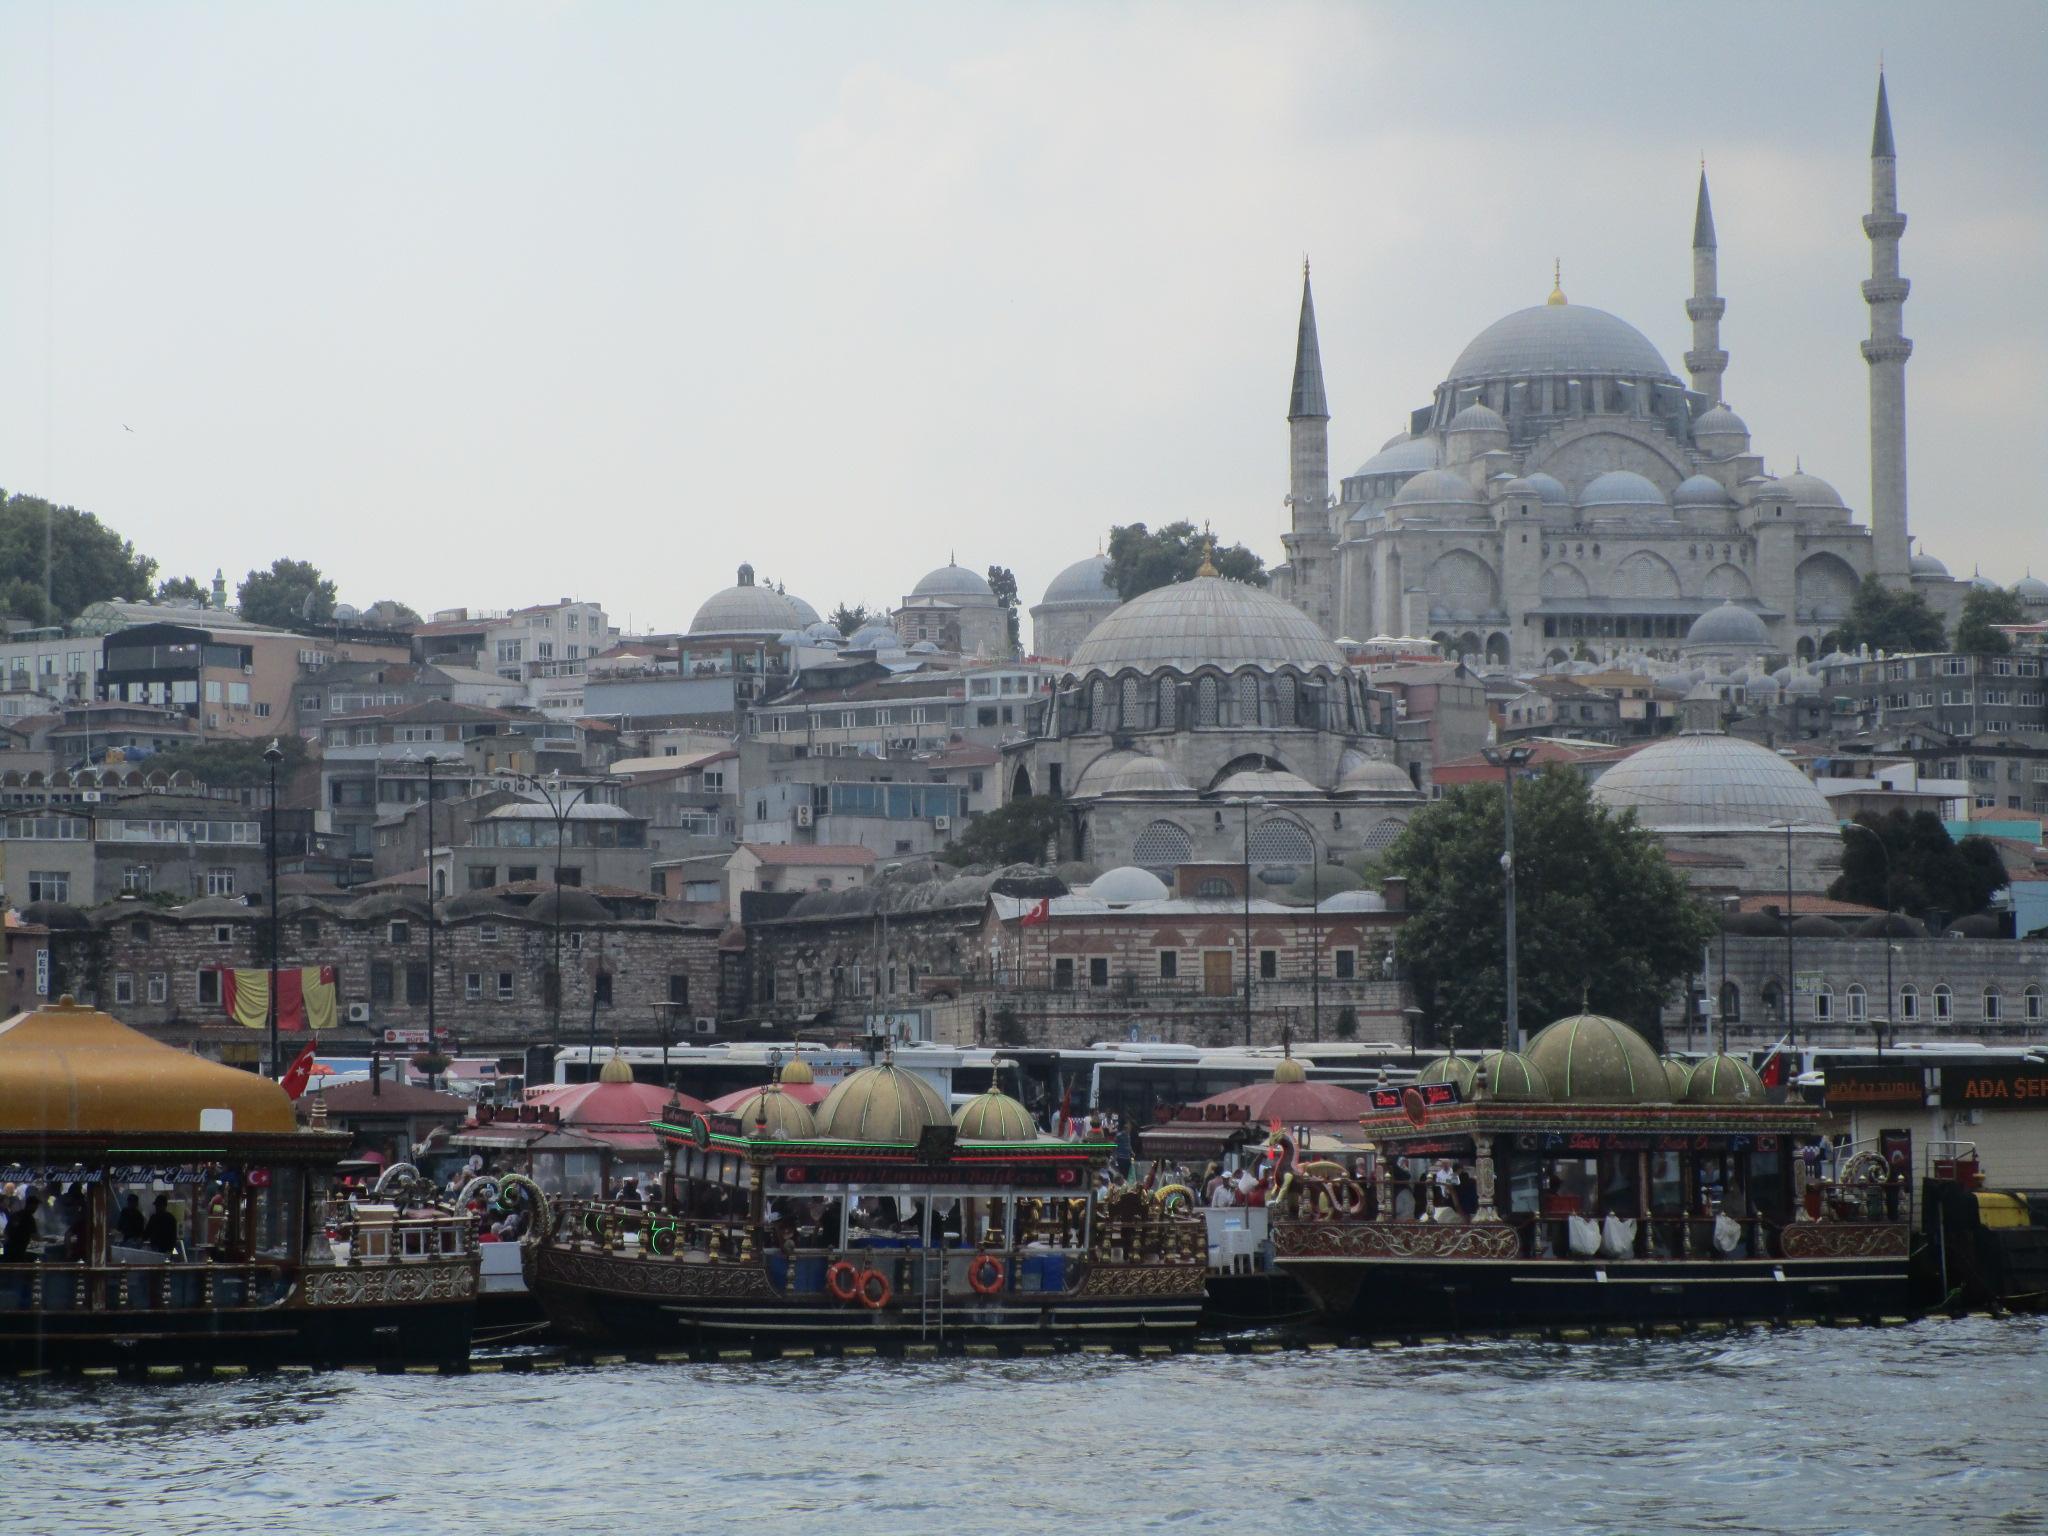 Outdoor Küche Aus Türkei : Deutsch türkische freundschaft in der küche